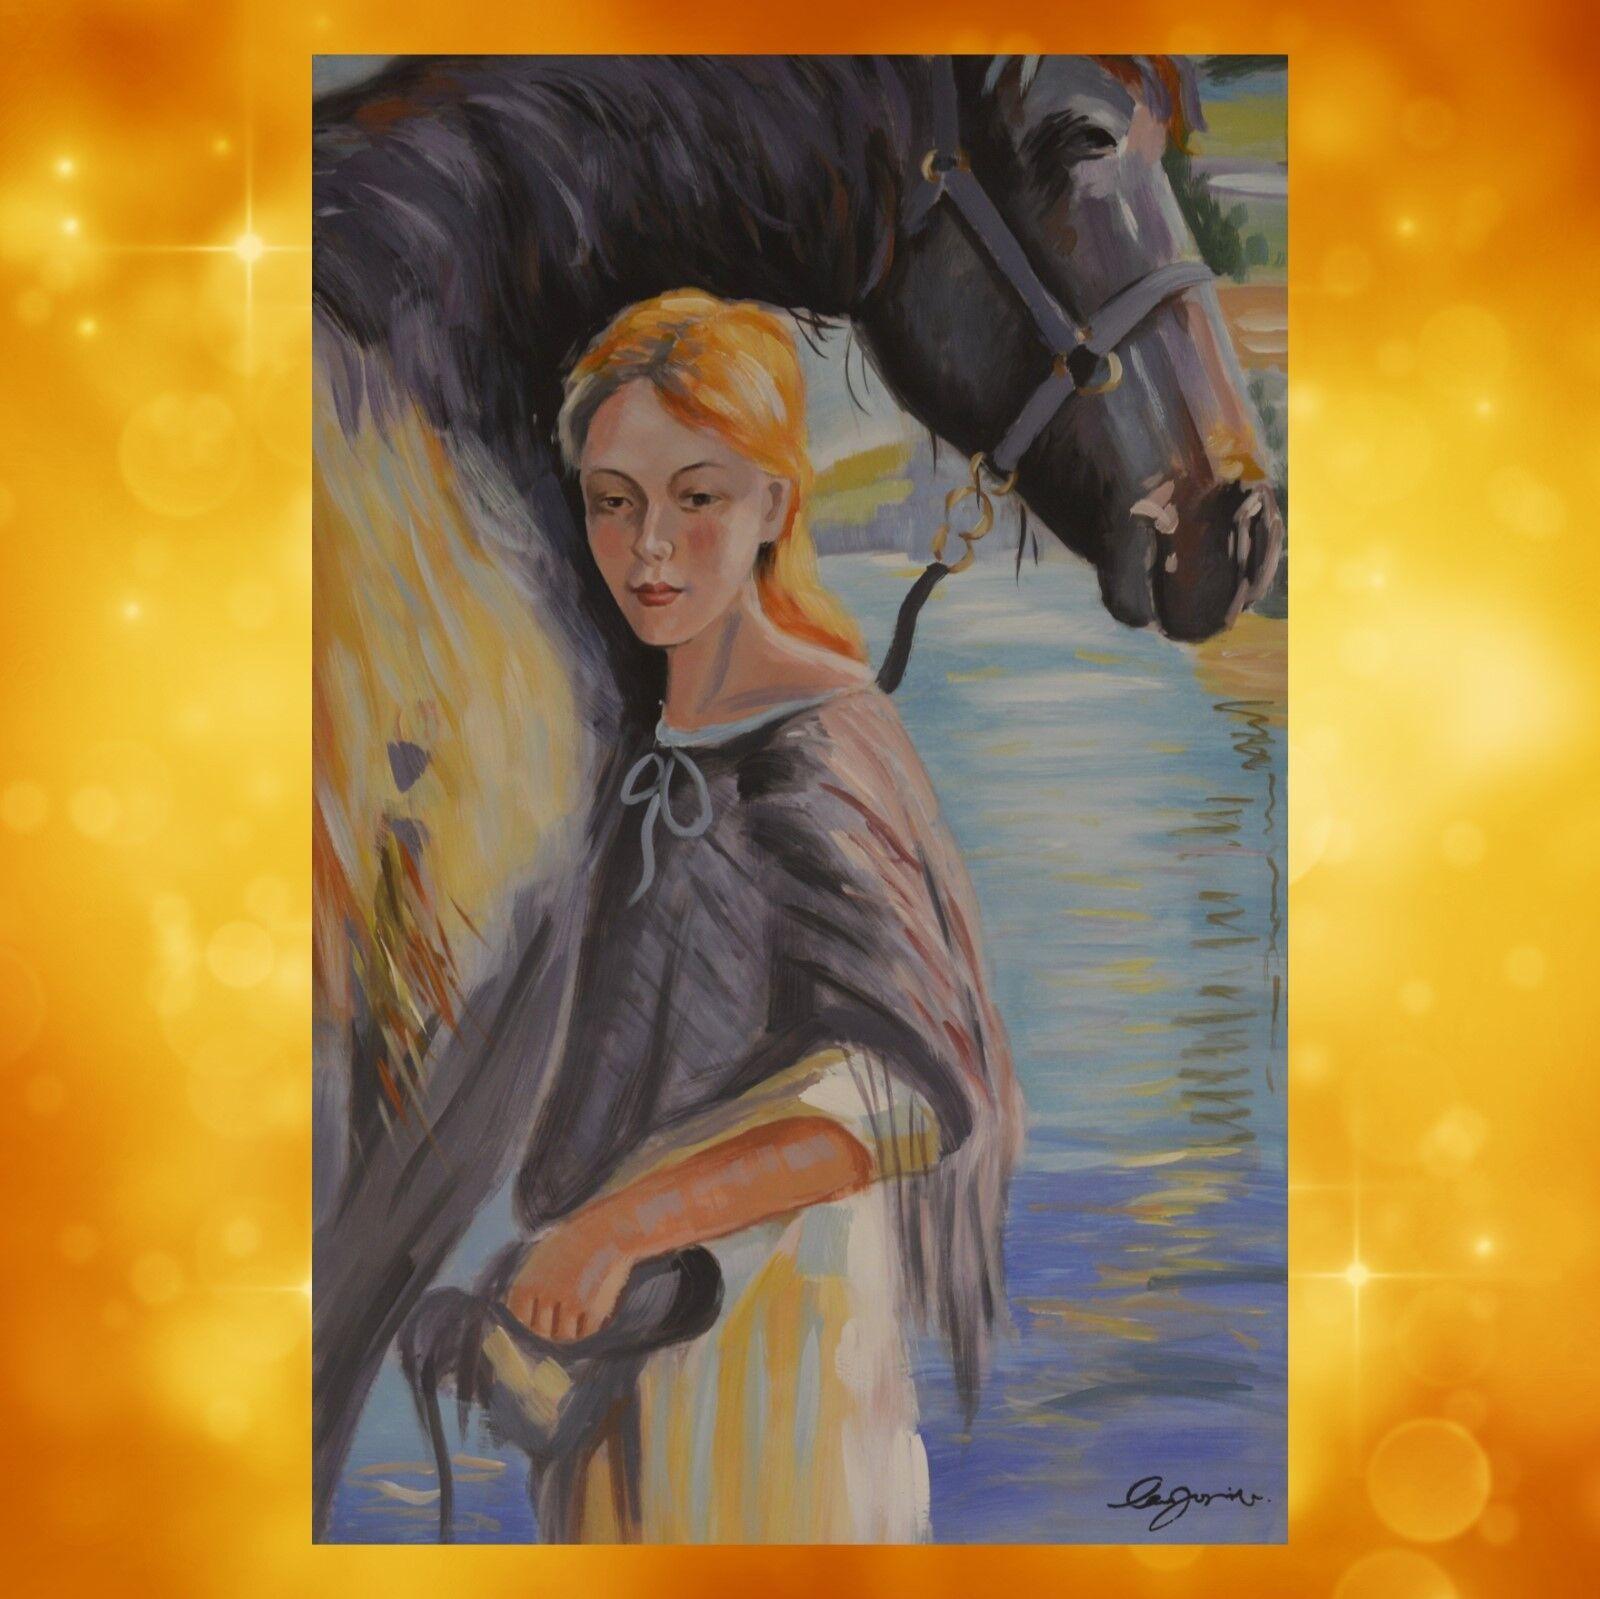 Leinwand Gemälde Reiterin mit Pferd Vintage Geschenk Deko Geschenk  80x120cm